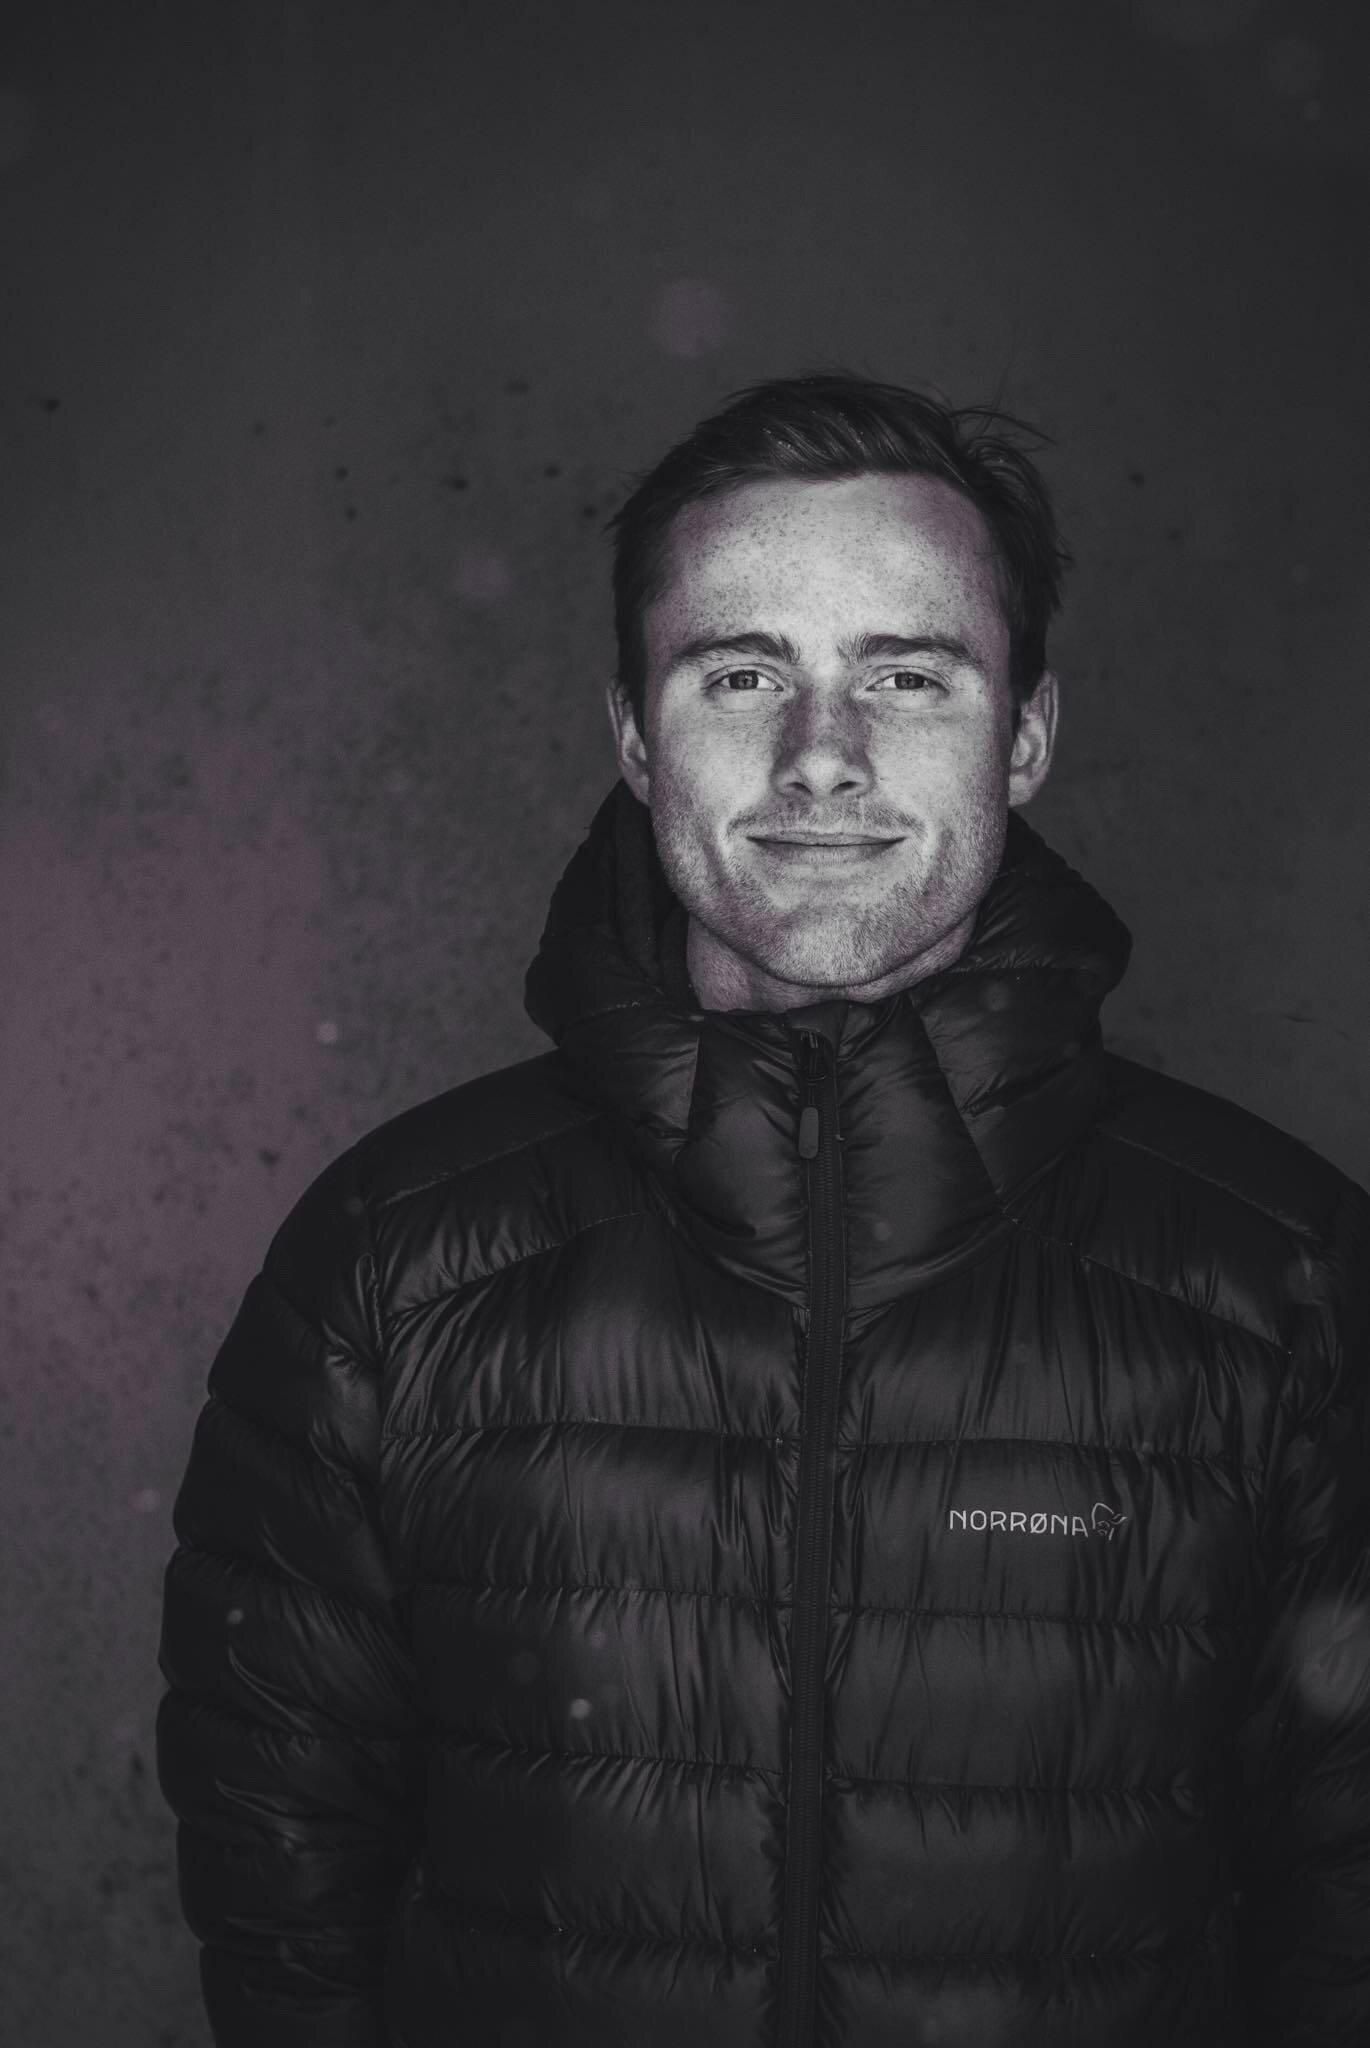 Pyhä Afterworkin puhujiin kuuluu muunmuassa norjalainen freeski ammattilainen Nikolai Schrimer, joka tulee kertomaan kokemuksistaan kestävän kehityksen freeski projektissaan Endless Winter.